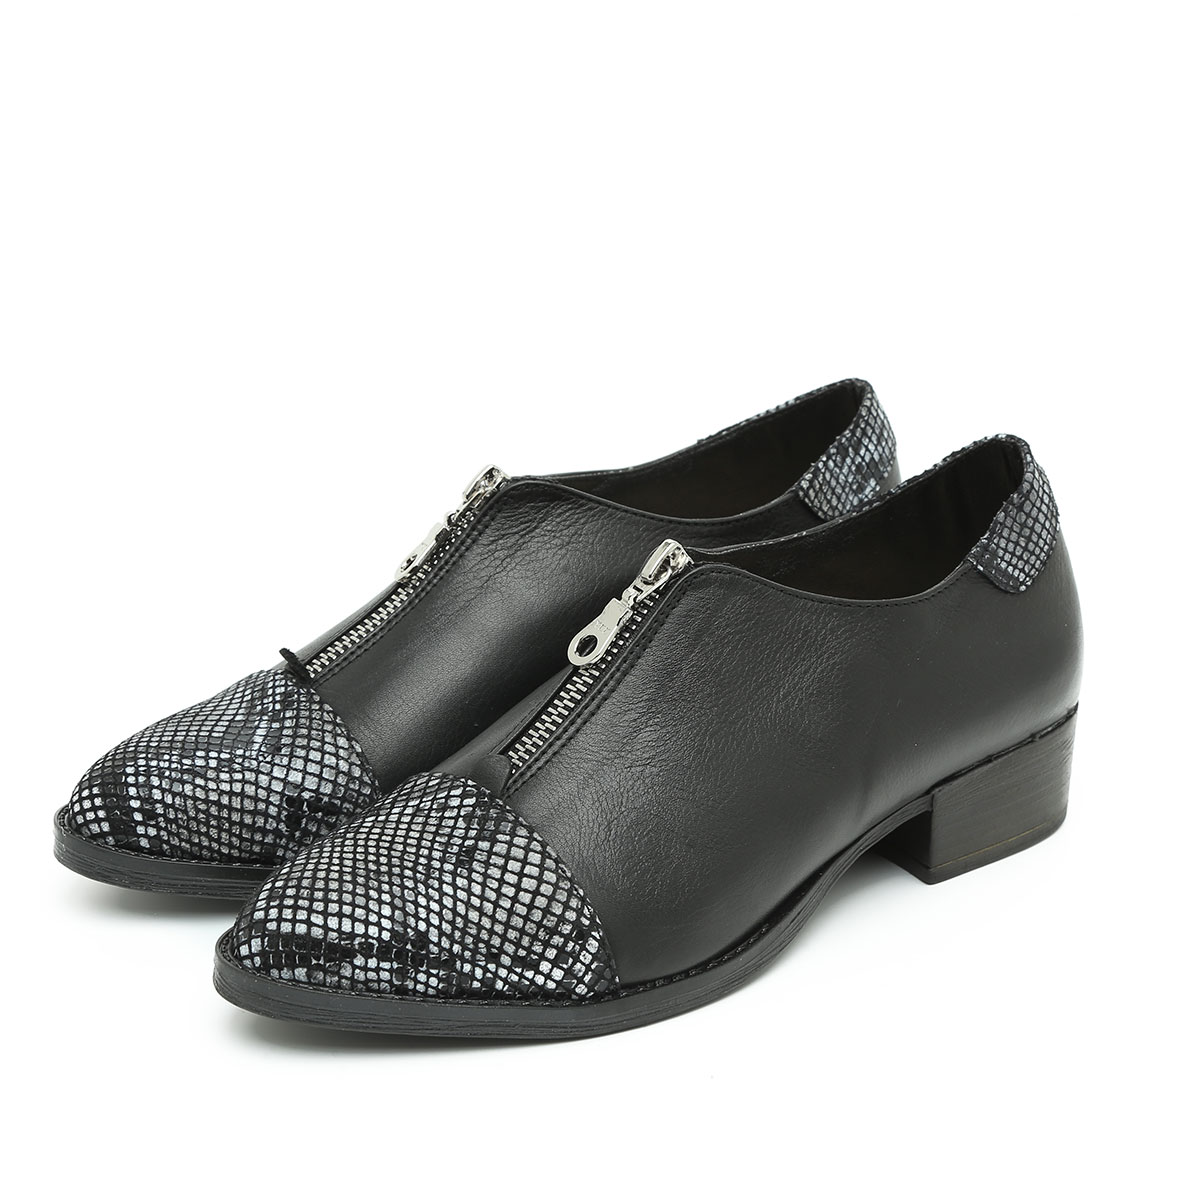 דגם ונקובר: נעליים בצבע שחור ולבן